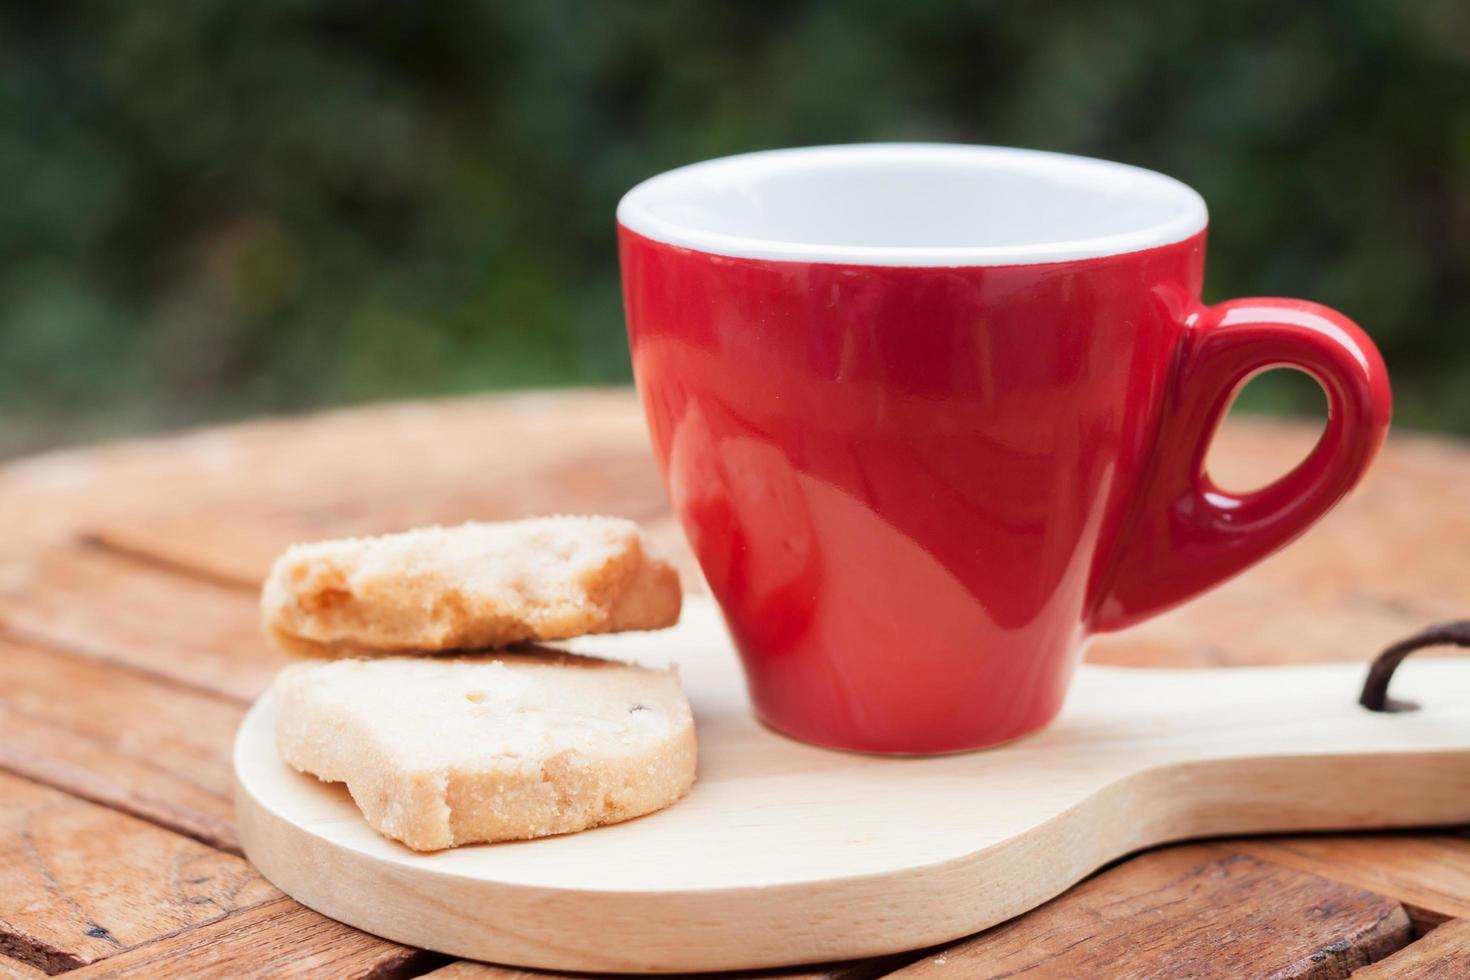 biscuits aux noix de cajou avec une tasse de café rouge photo